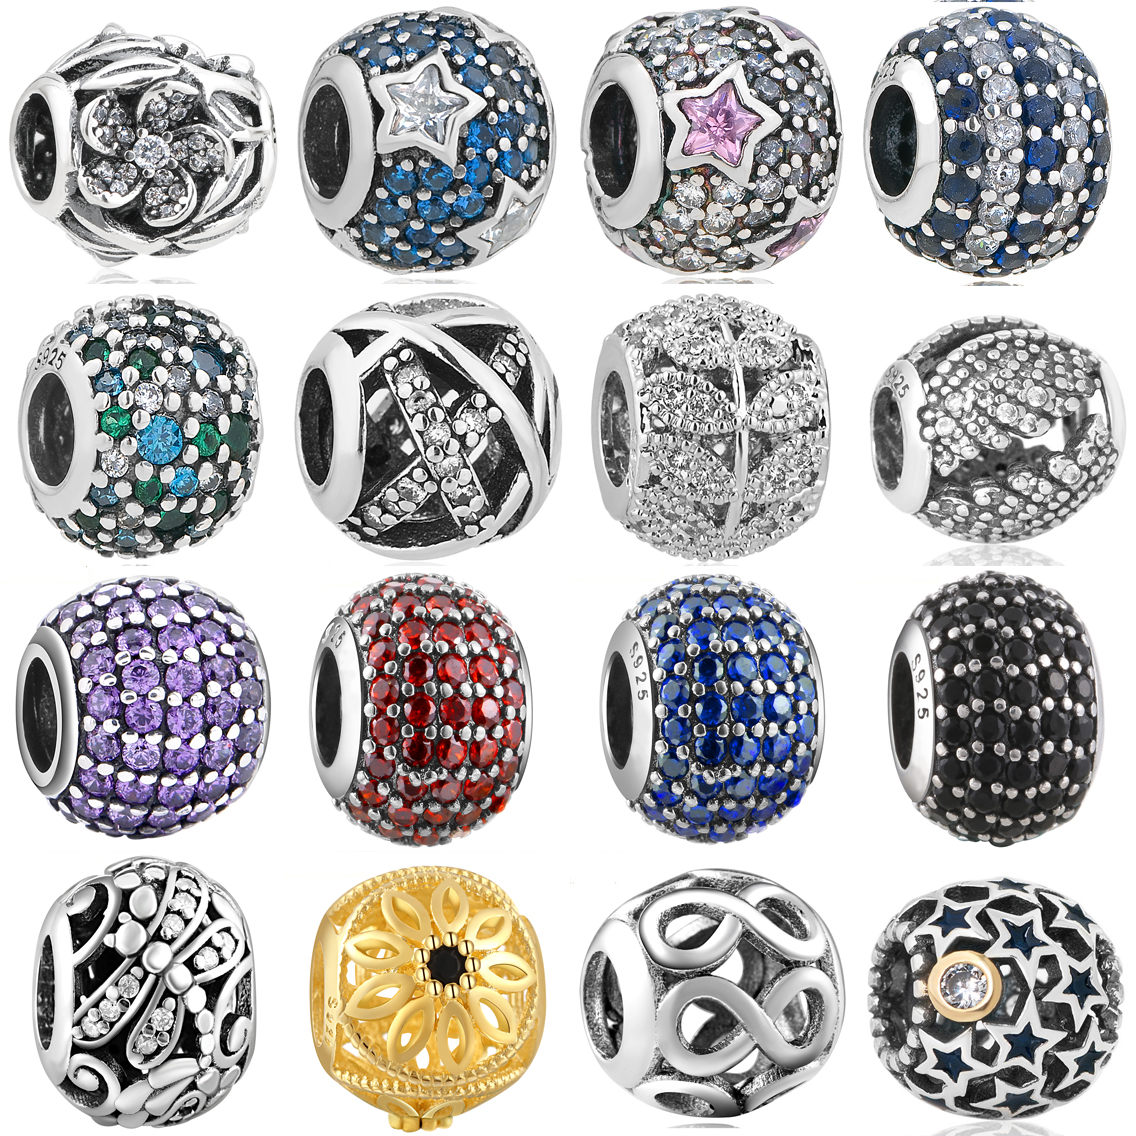 Caliente 925 de plata Zirconia cúbica Europea Charm Beads Fit Pandora Estilo Pulsera Collar Colgante DIY Joyas Originales